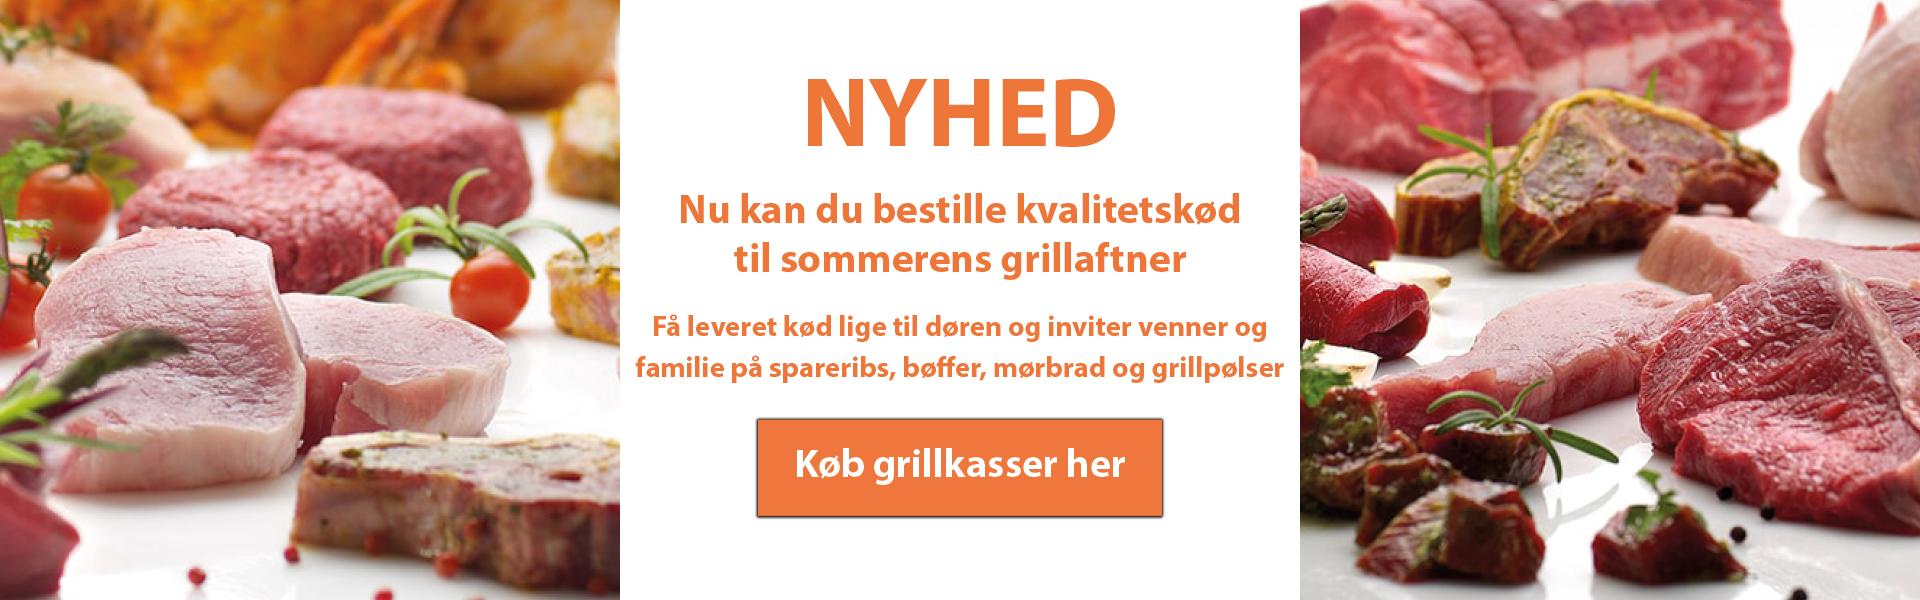 Køb kvalitetskød hos Netbyggemarked.dk og bliv klar til grillafterne